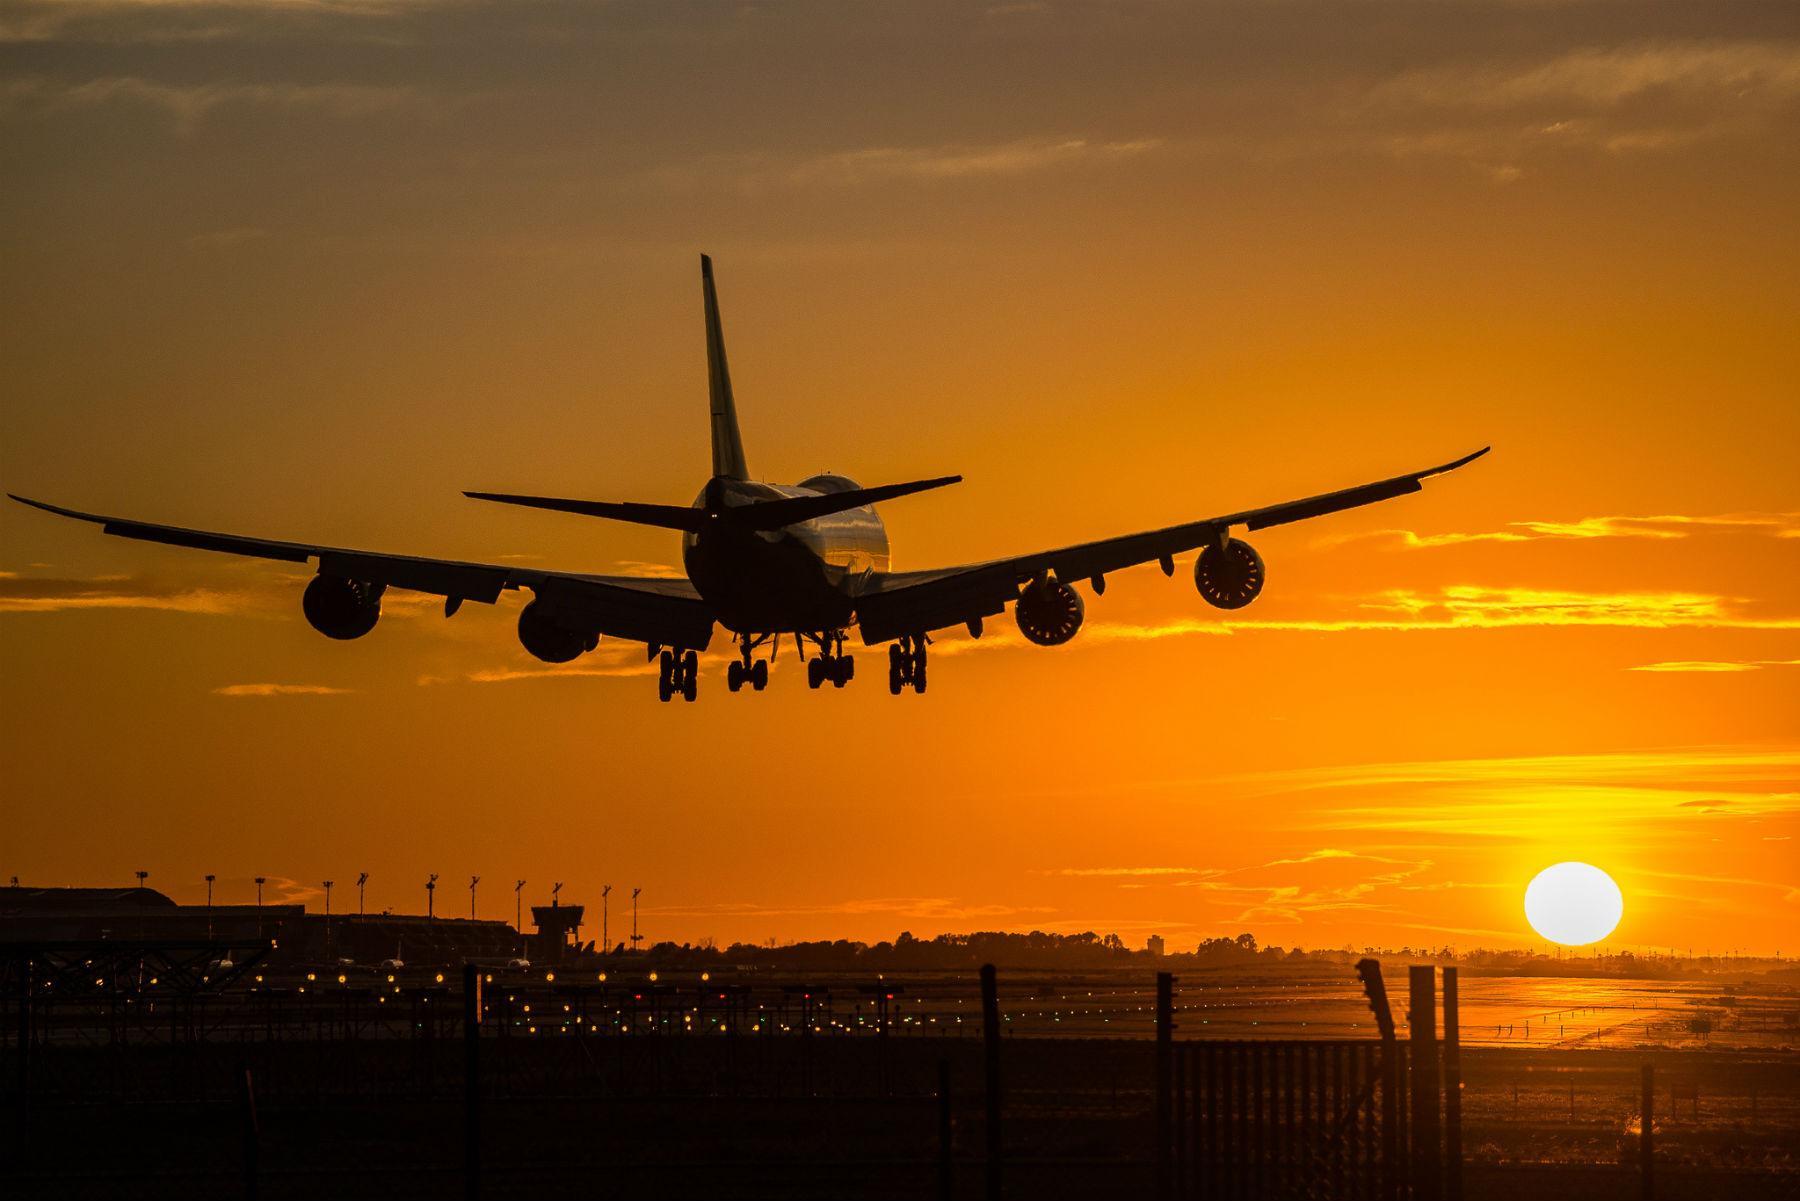 Plánujete cestu na Floridu a letí s vámi malé děti? Zde je pár rad.